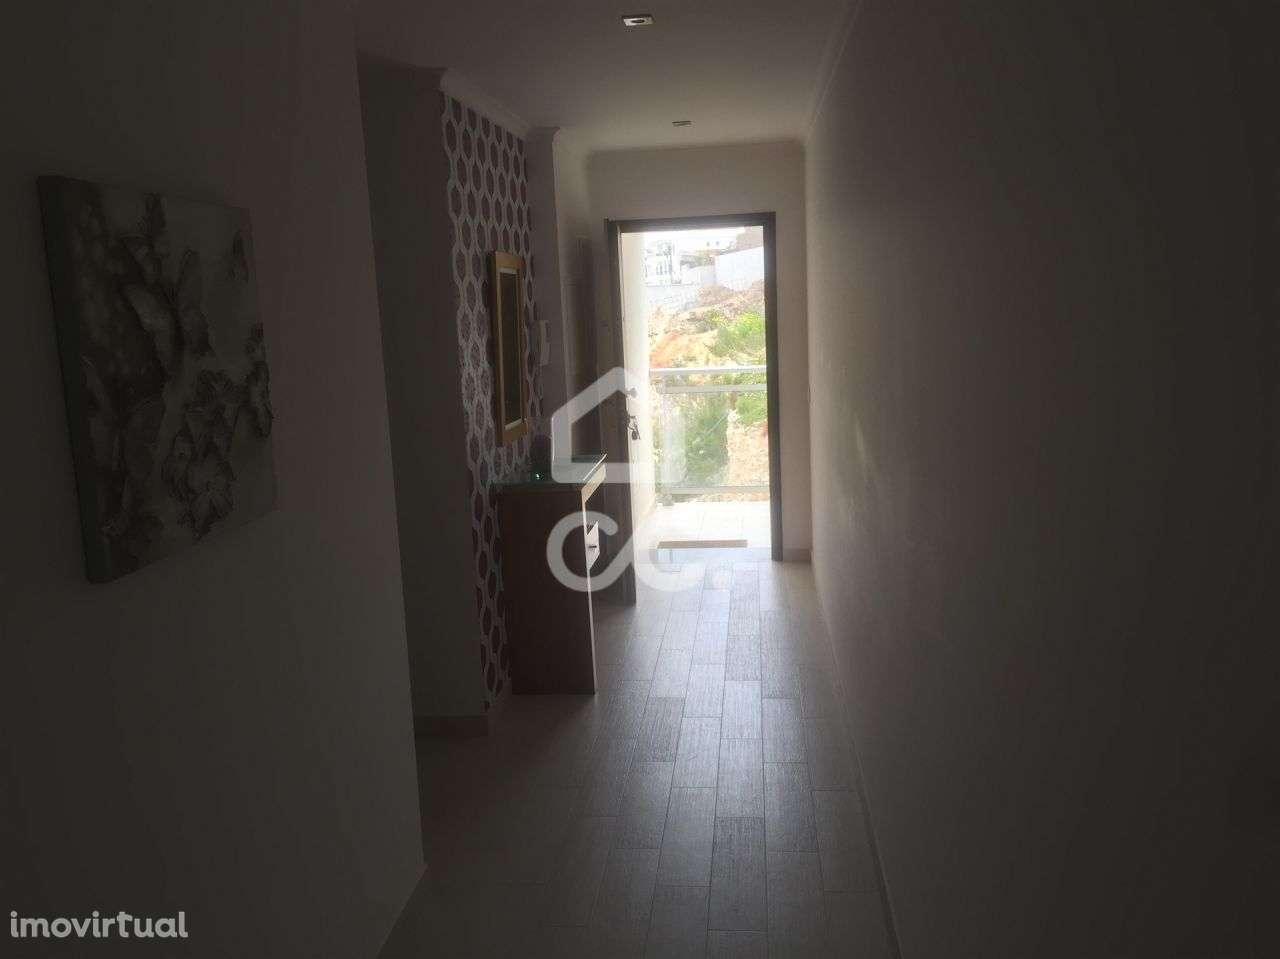 Apartamento para comprar, Famalicão, Nazaré, Leiria - Foto 18